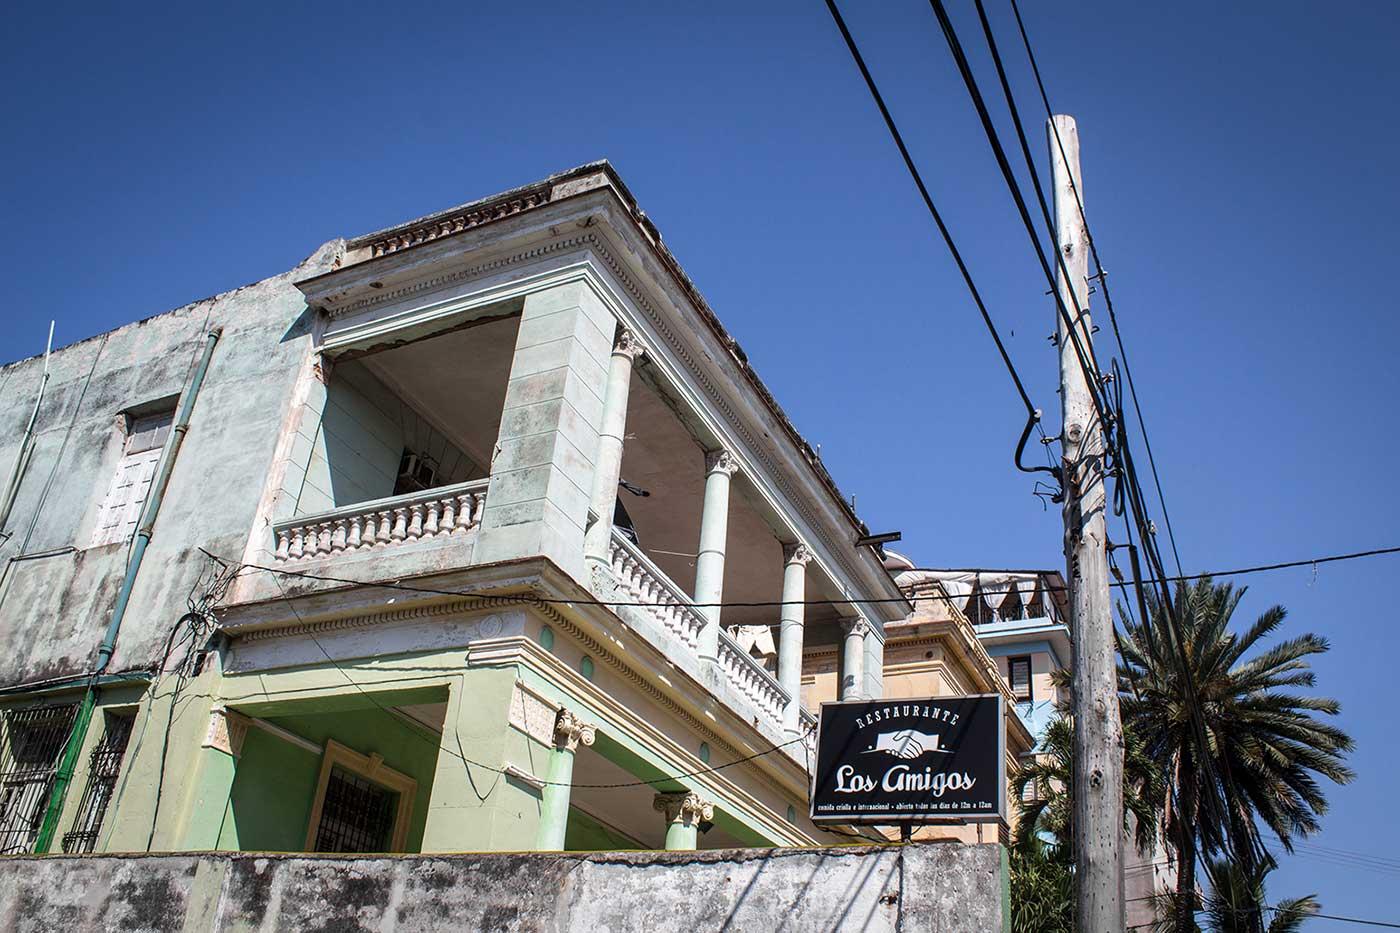 Restaurante 'Los Amigos' in the Vedado district of Havana, Cuba.